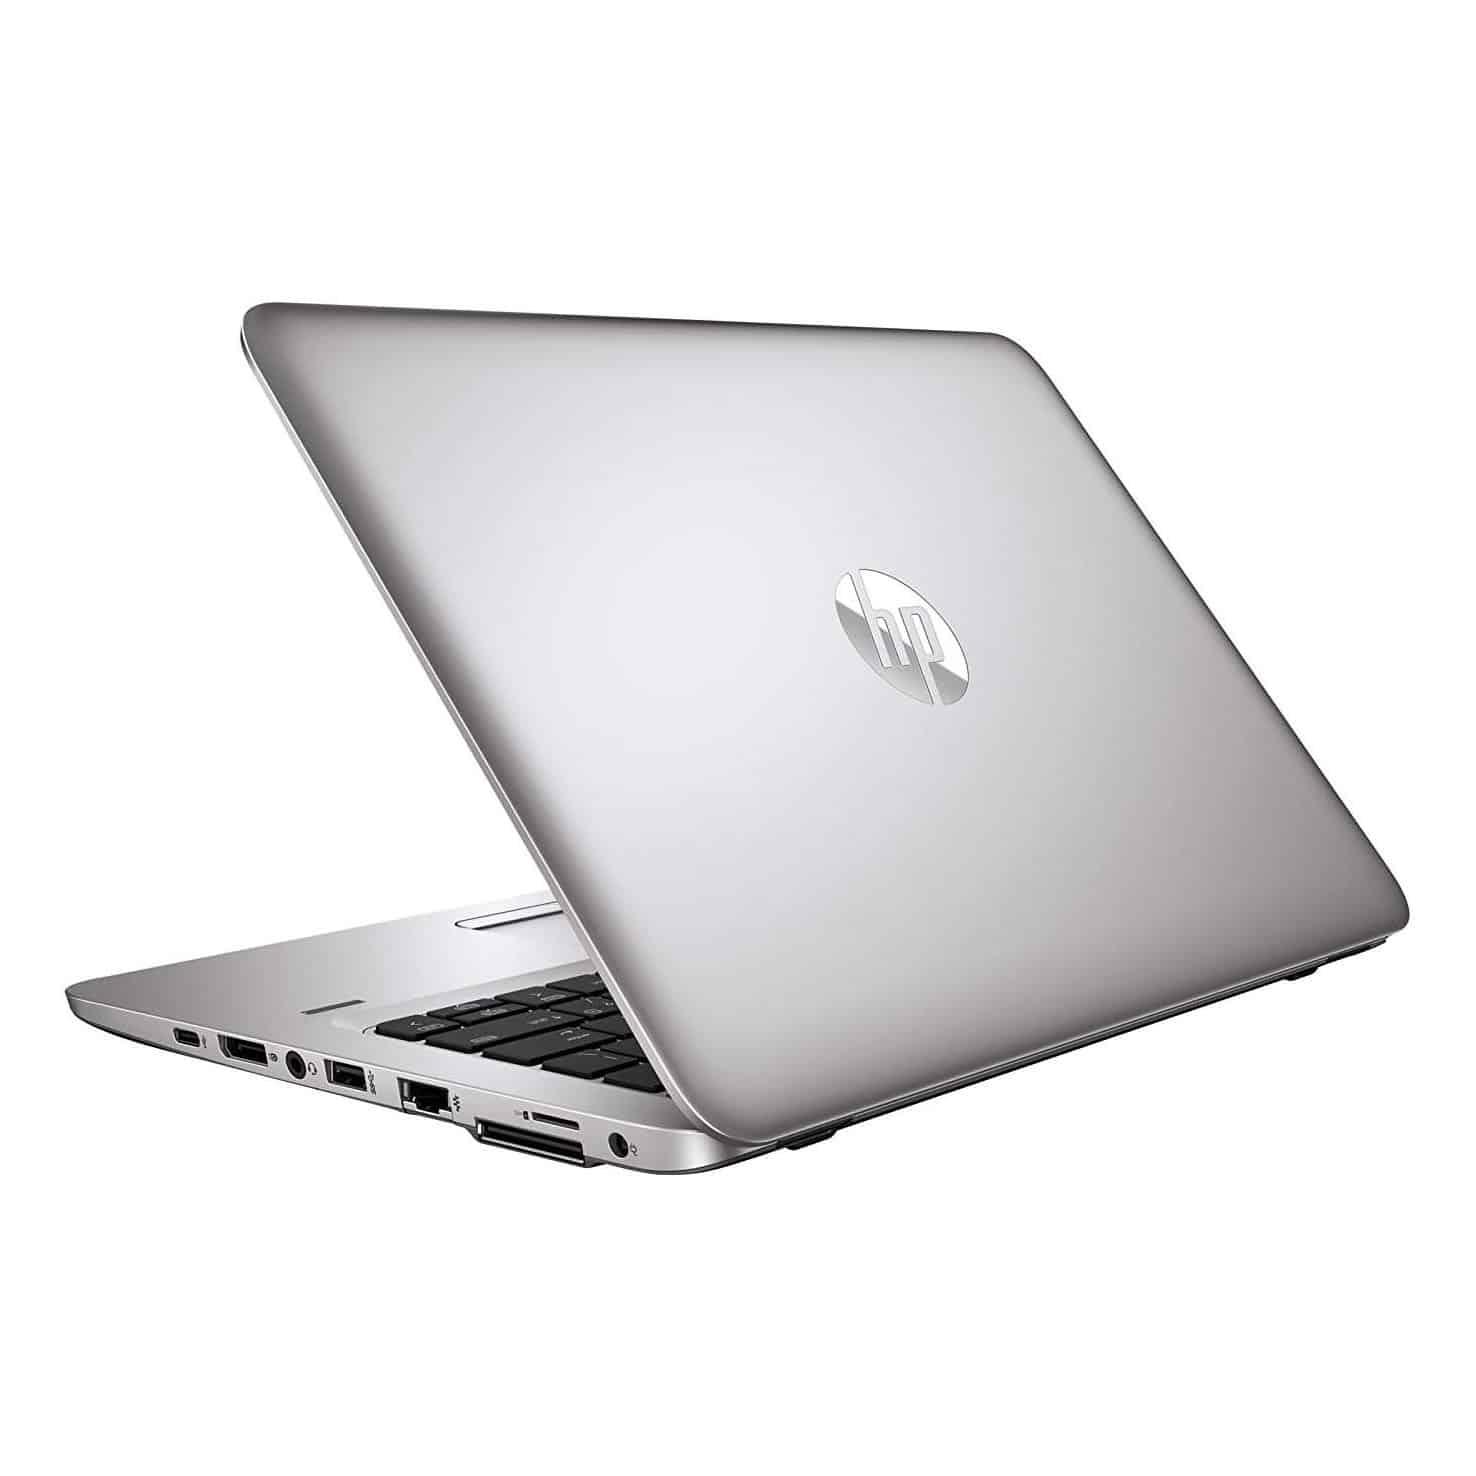 HP Elitebook 840 G2 (2016)